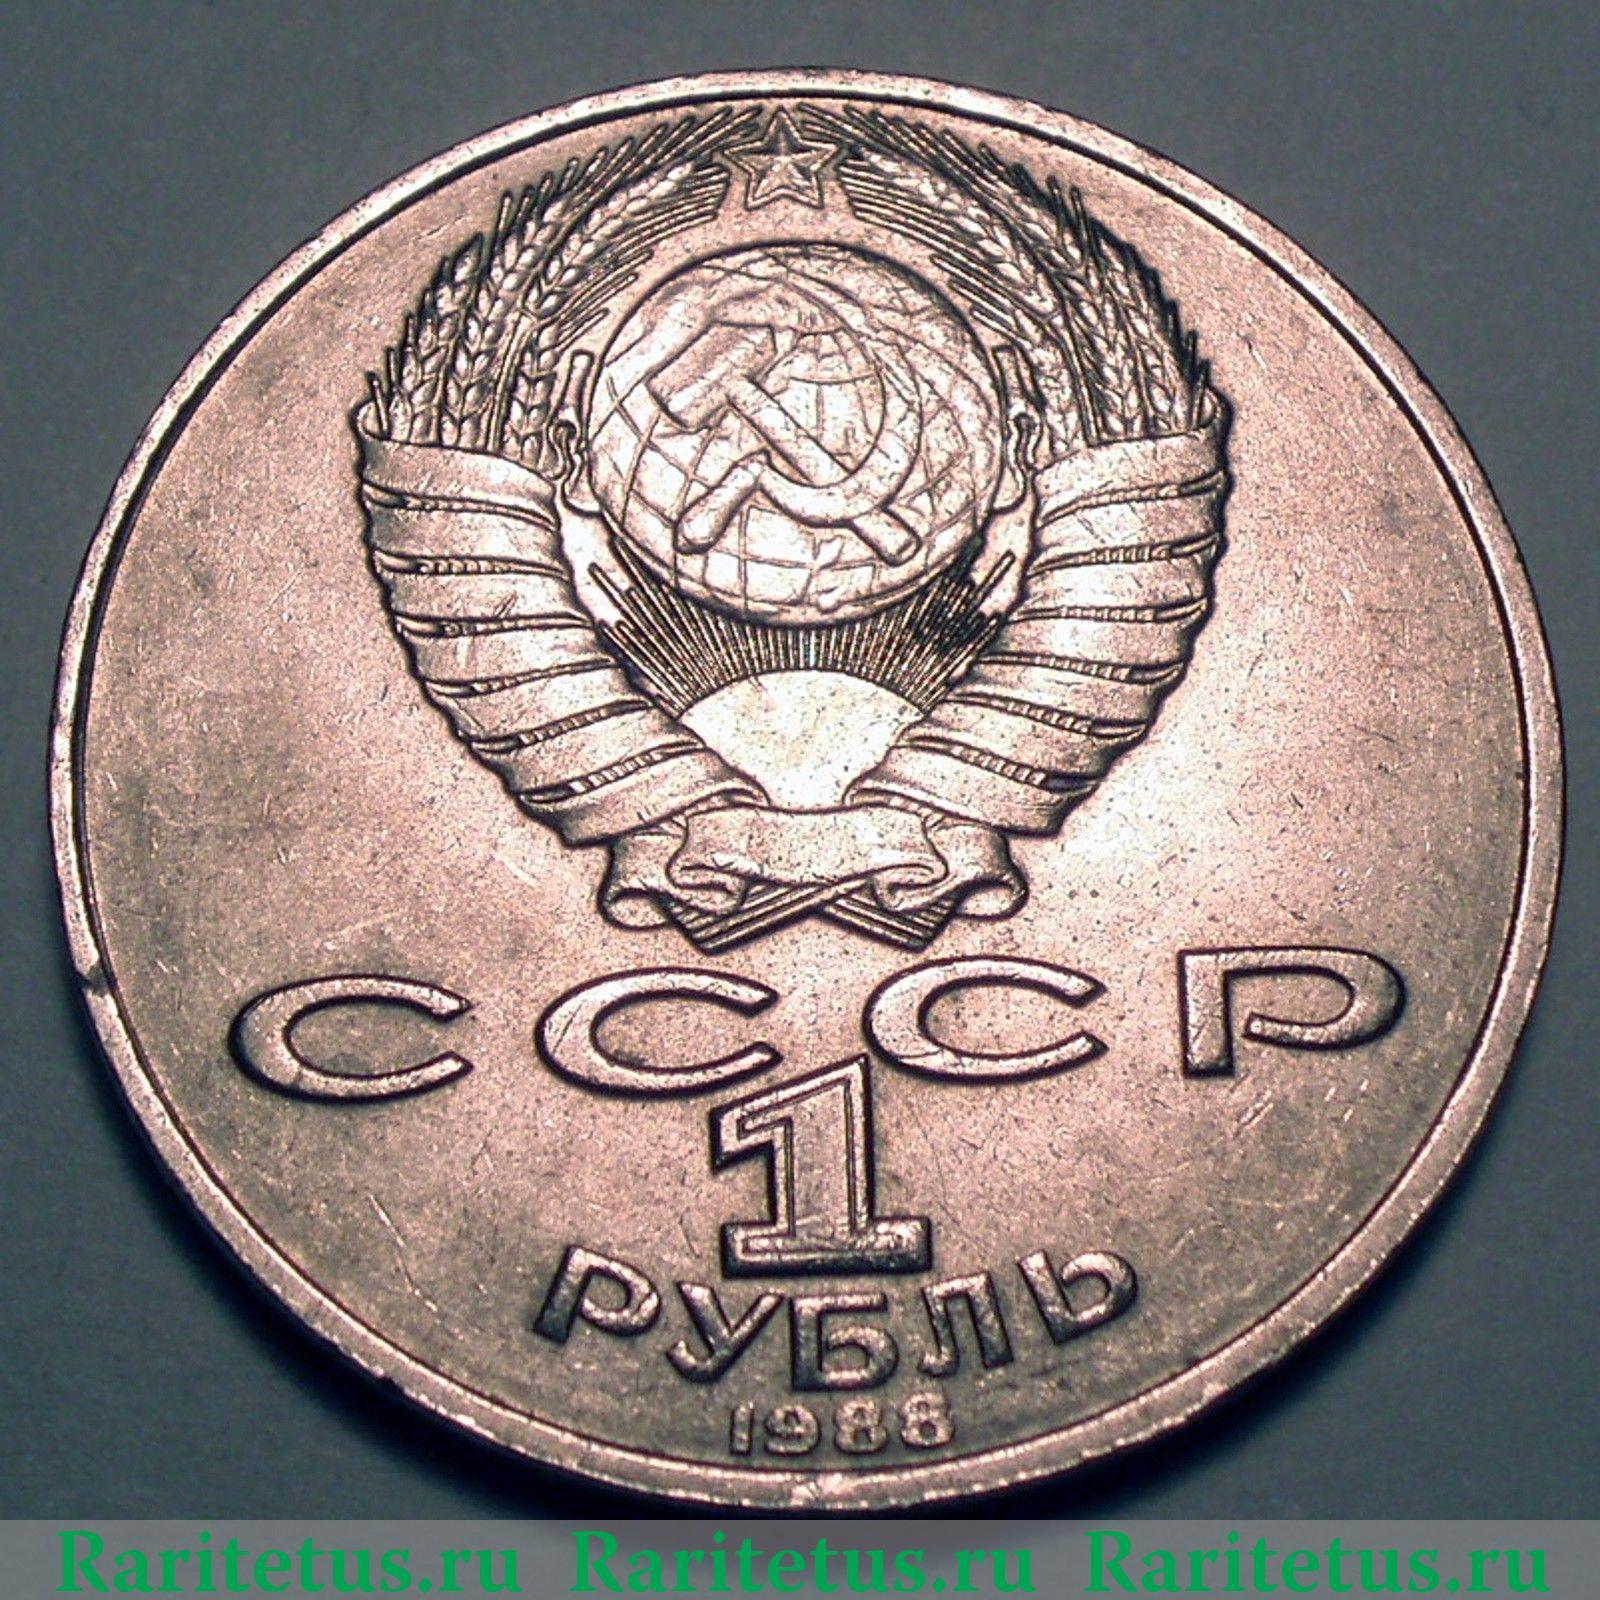 Цена монет 1р 1988г shop argentina